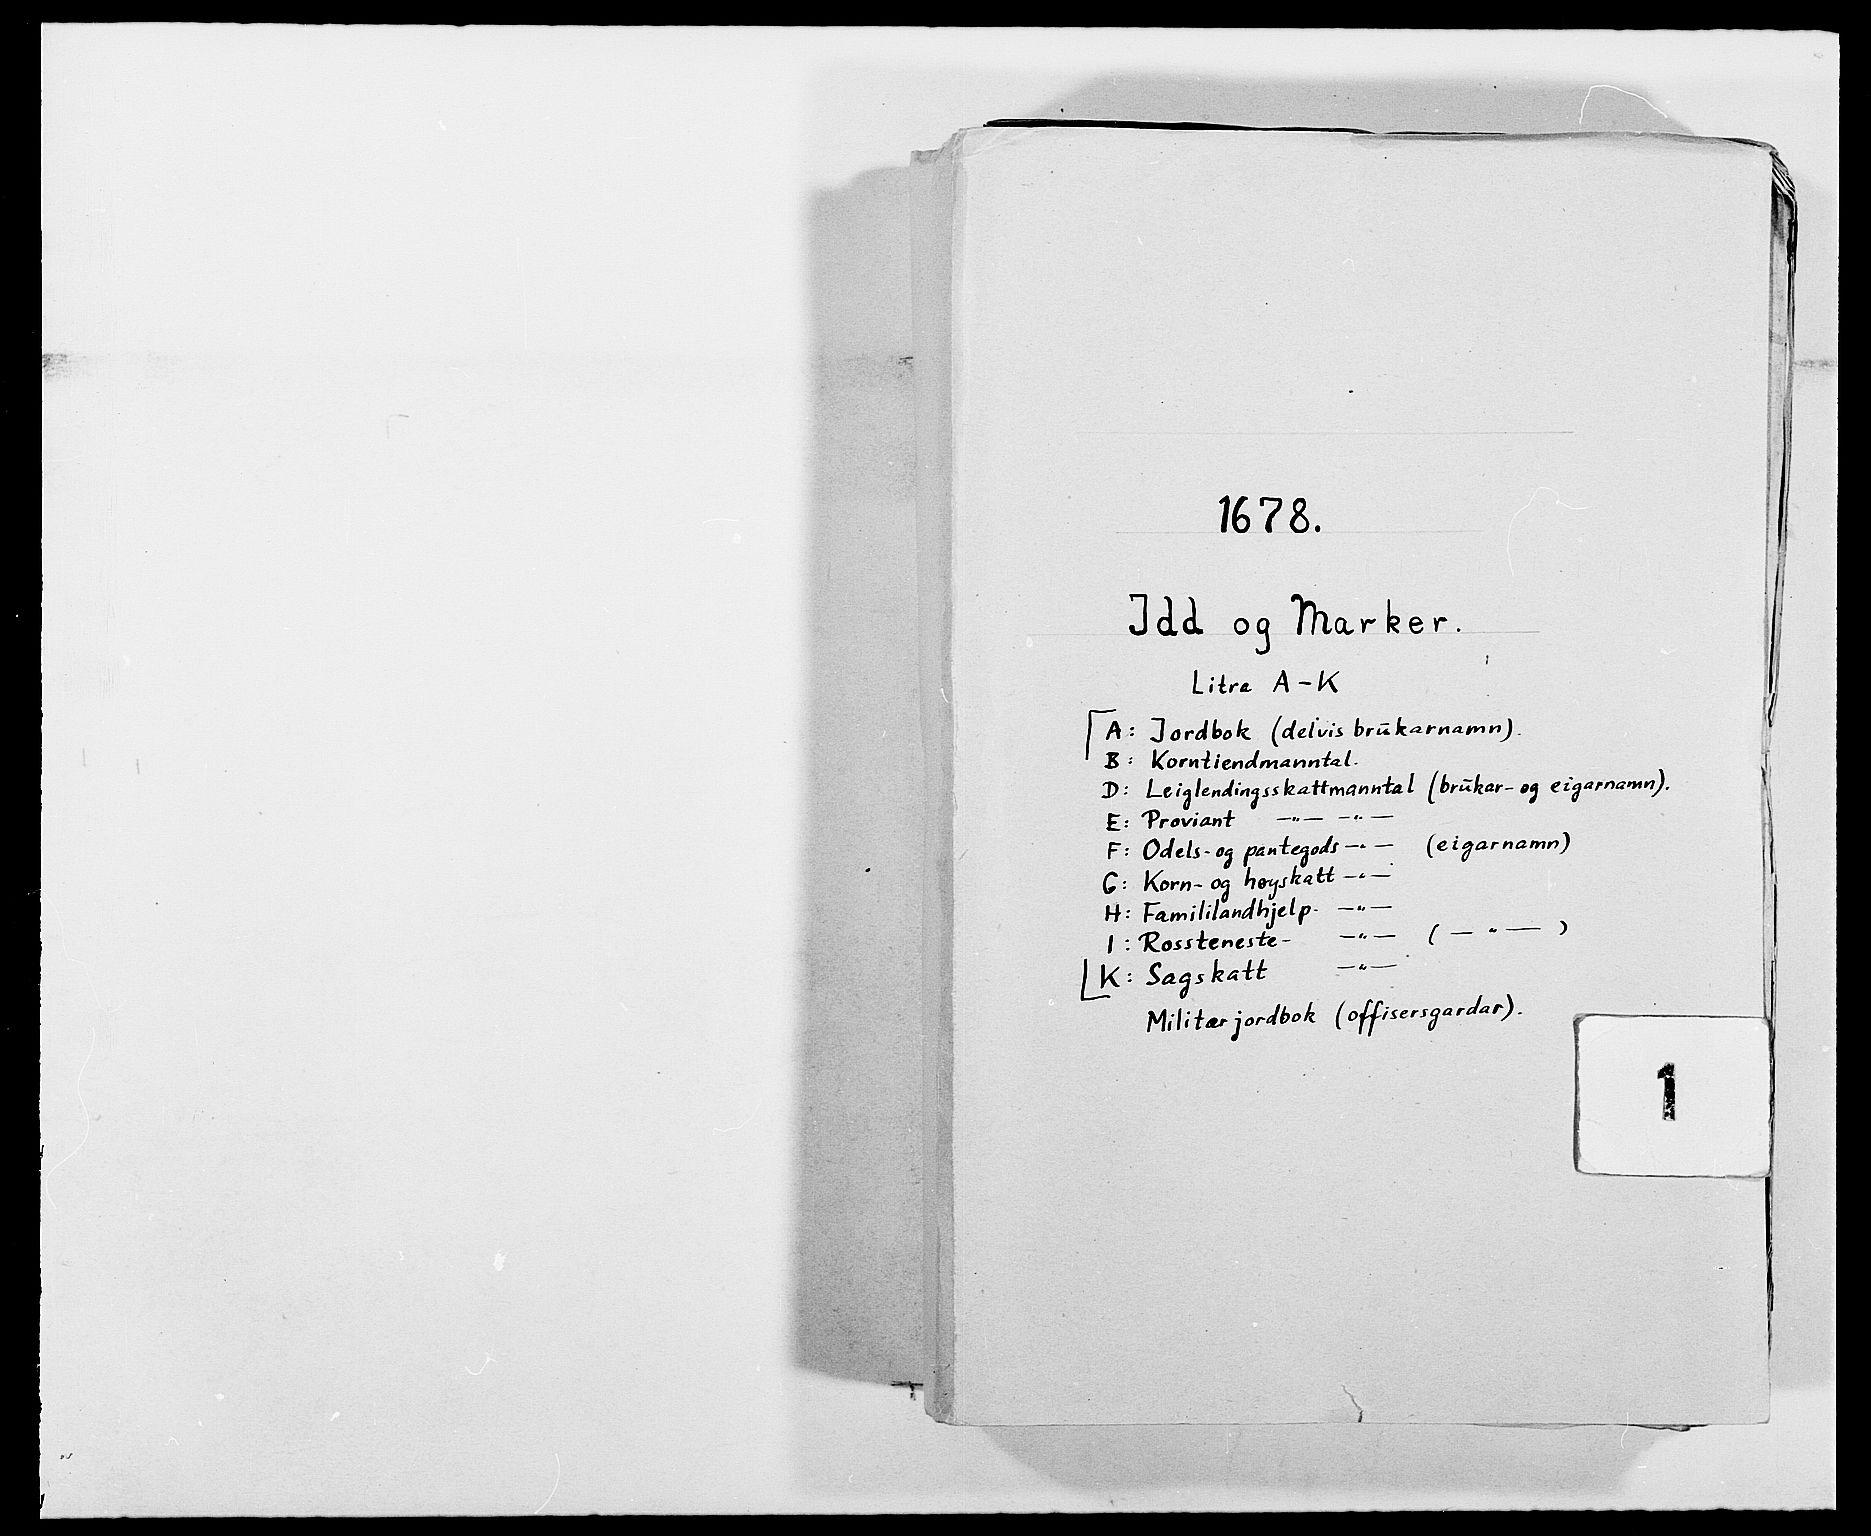 RA, Rentekammeret inntil 1814, Reviderte regnskaper, Fogderegnskap, R01/L0001: Fogderegnskap Idd og Marker, 1678-1679, s. 1